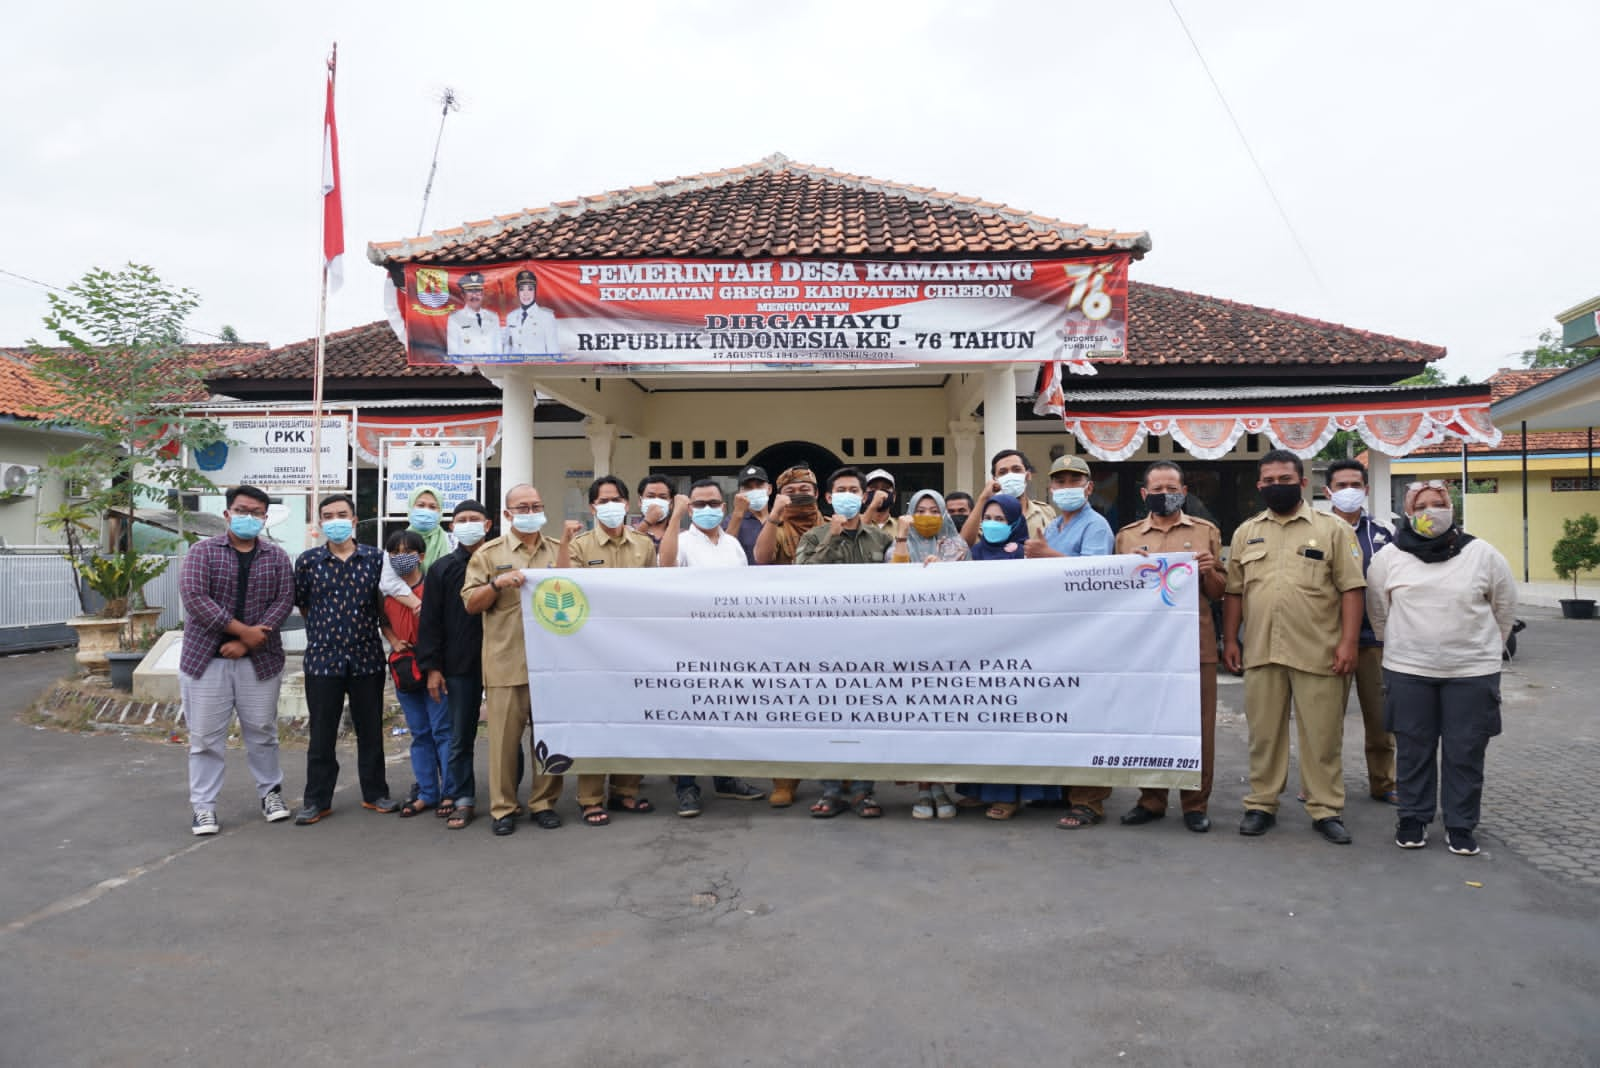 (Bahasa) UNJ Ciptakan Desa Kamarang Cirebon Menjadi Desa Wisata